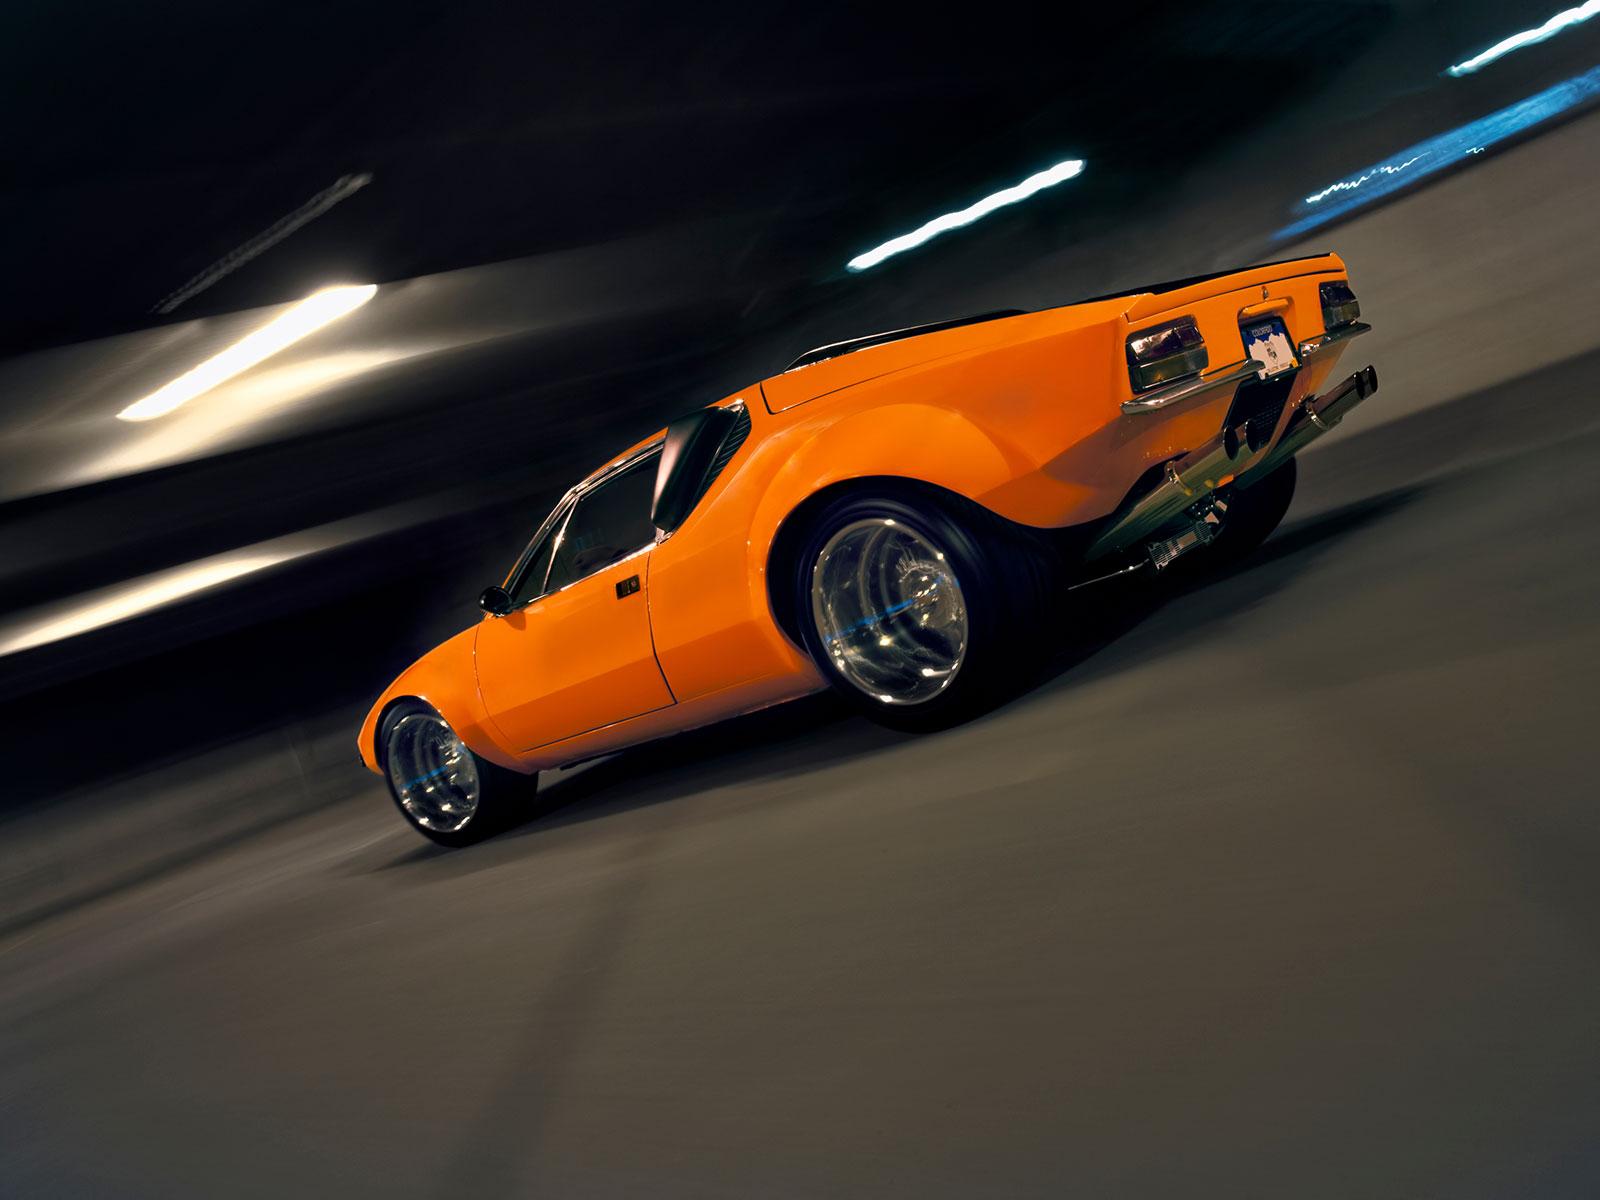 De Tomaso Pantera supercar De Tomaso d wallpaper 1600x1200 180432 1600x1200